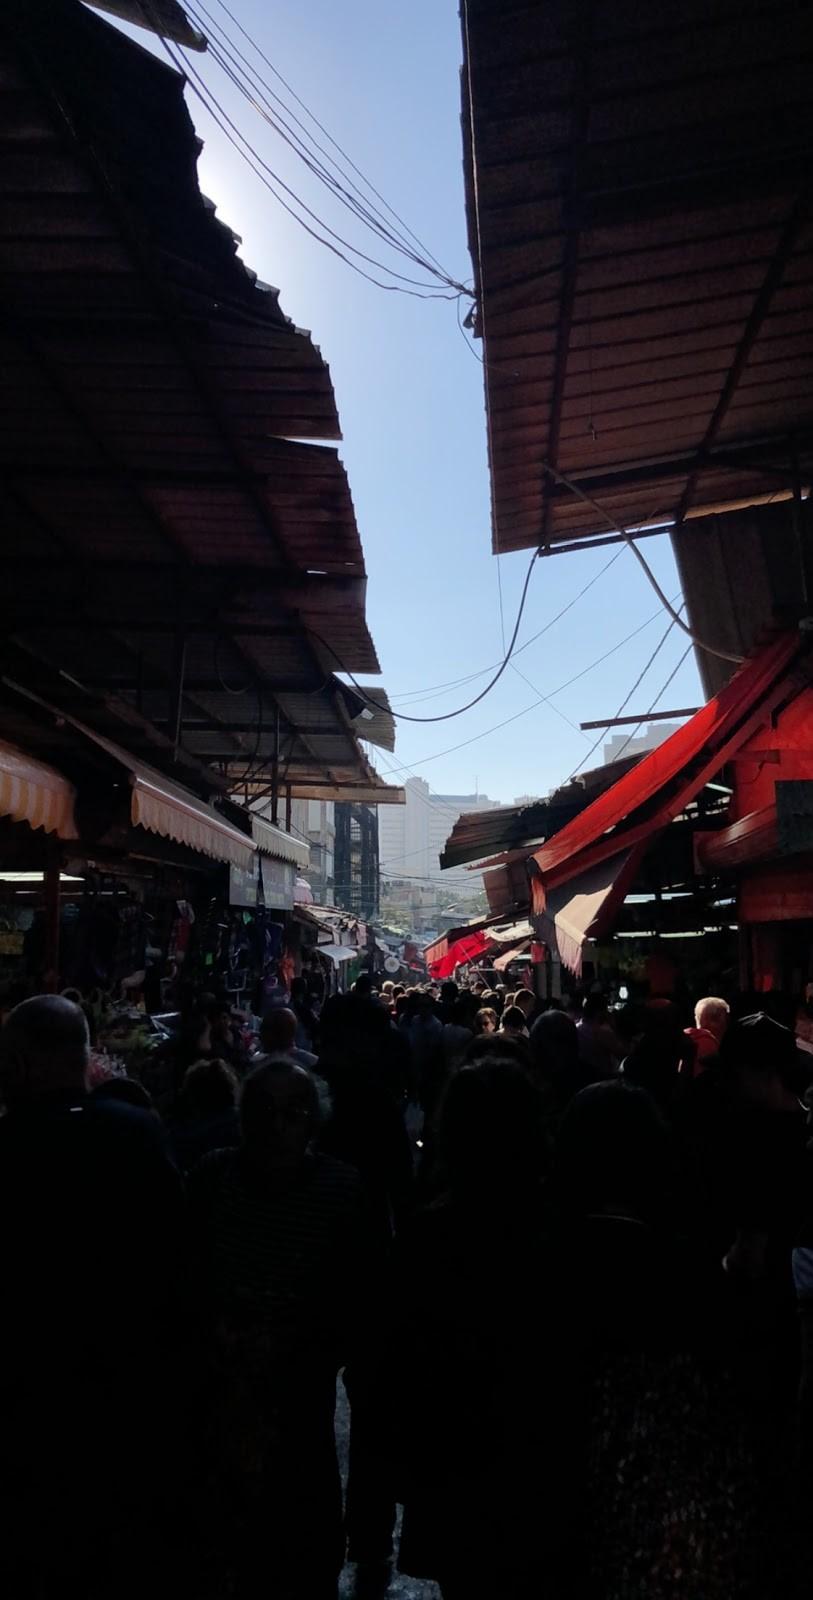 A peek into the market in Old Jaffa, Tel Aviv